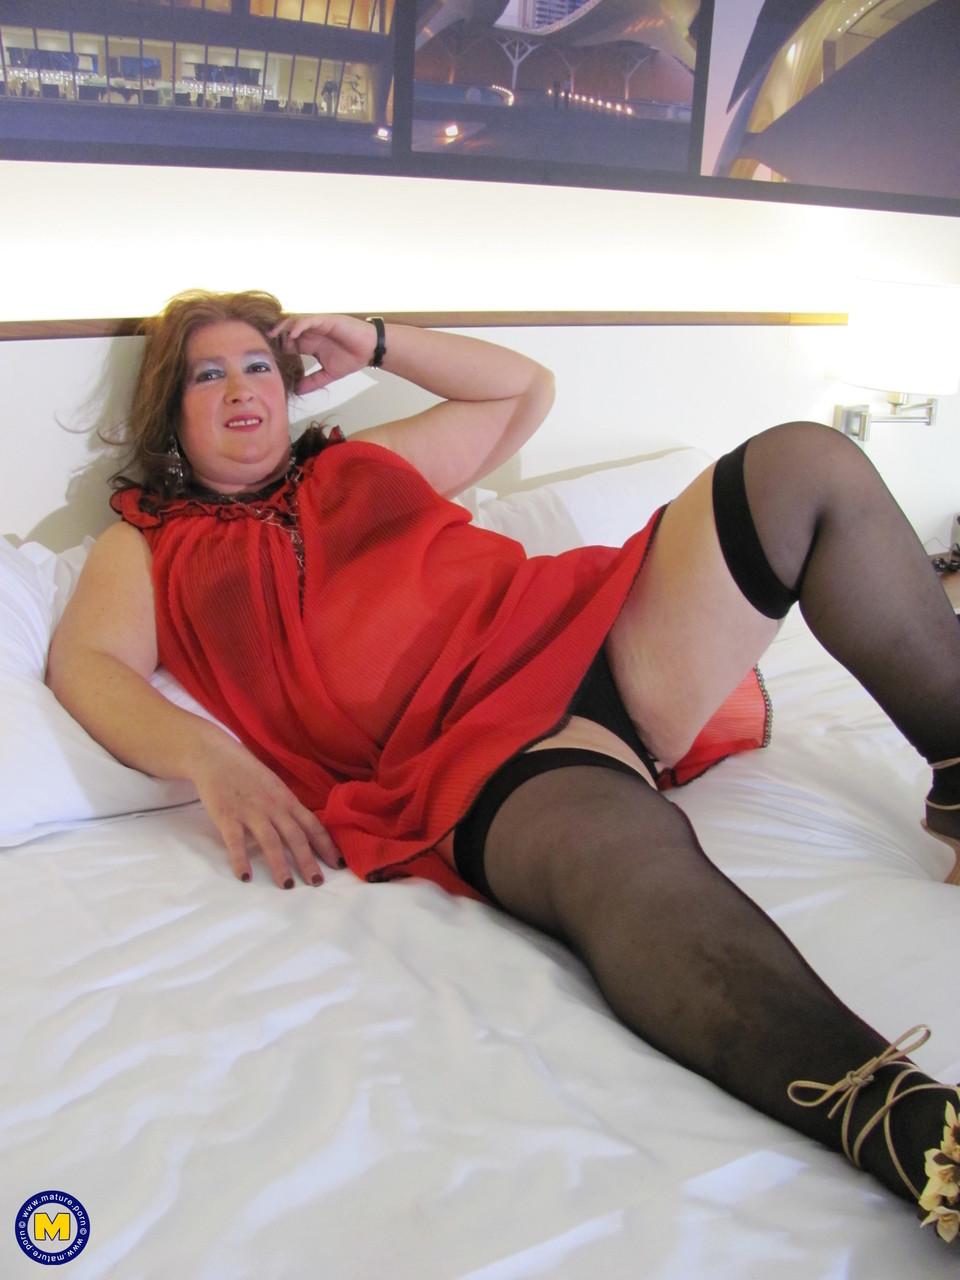 Толстая женщина занимается дрочкой. Фото - 1